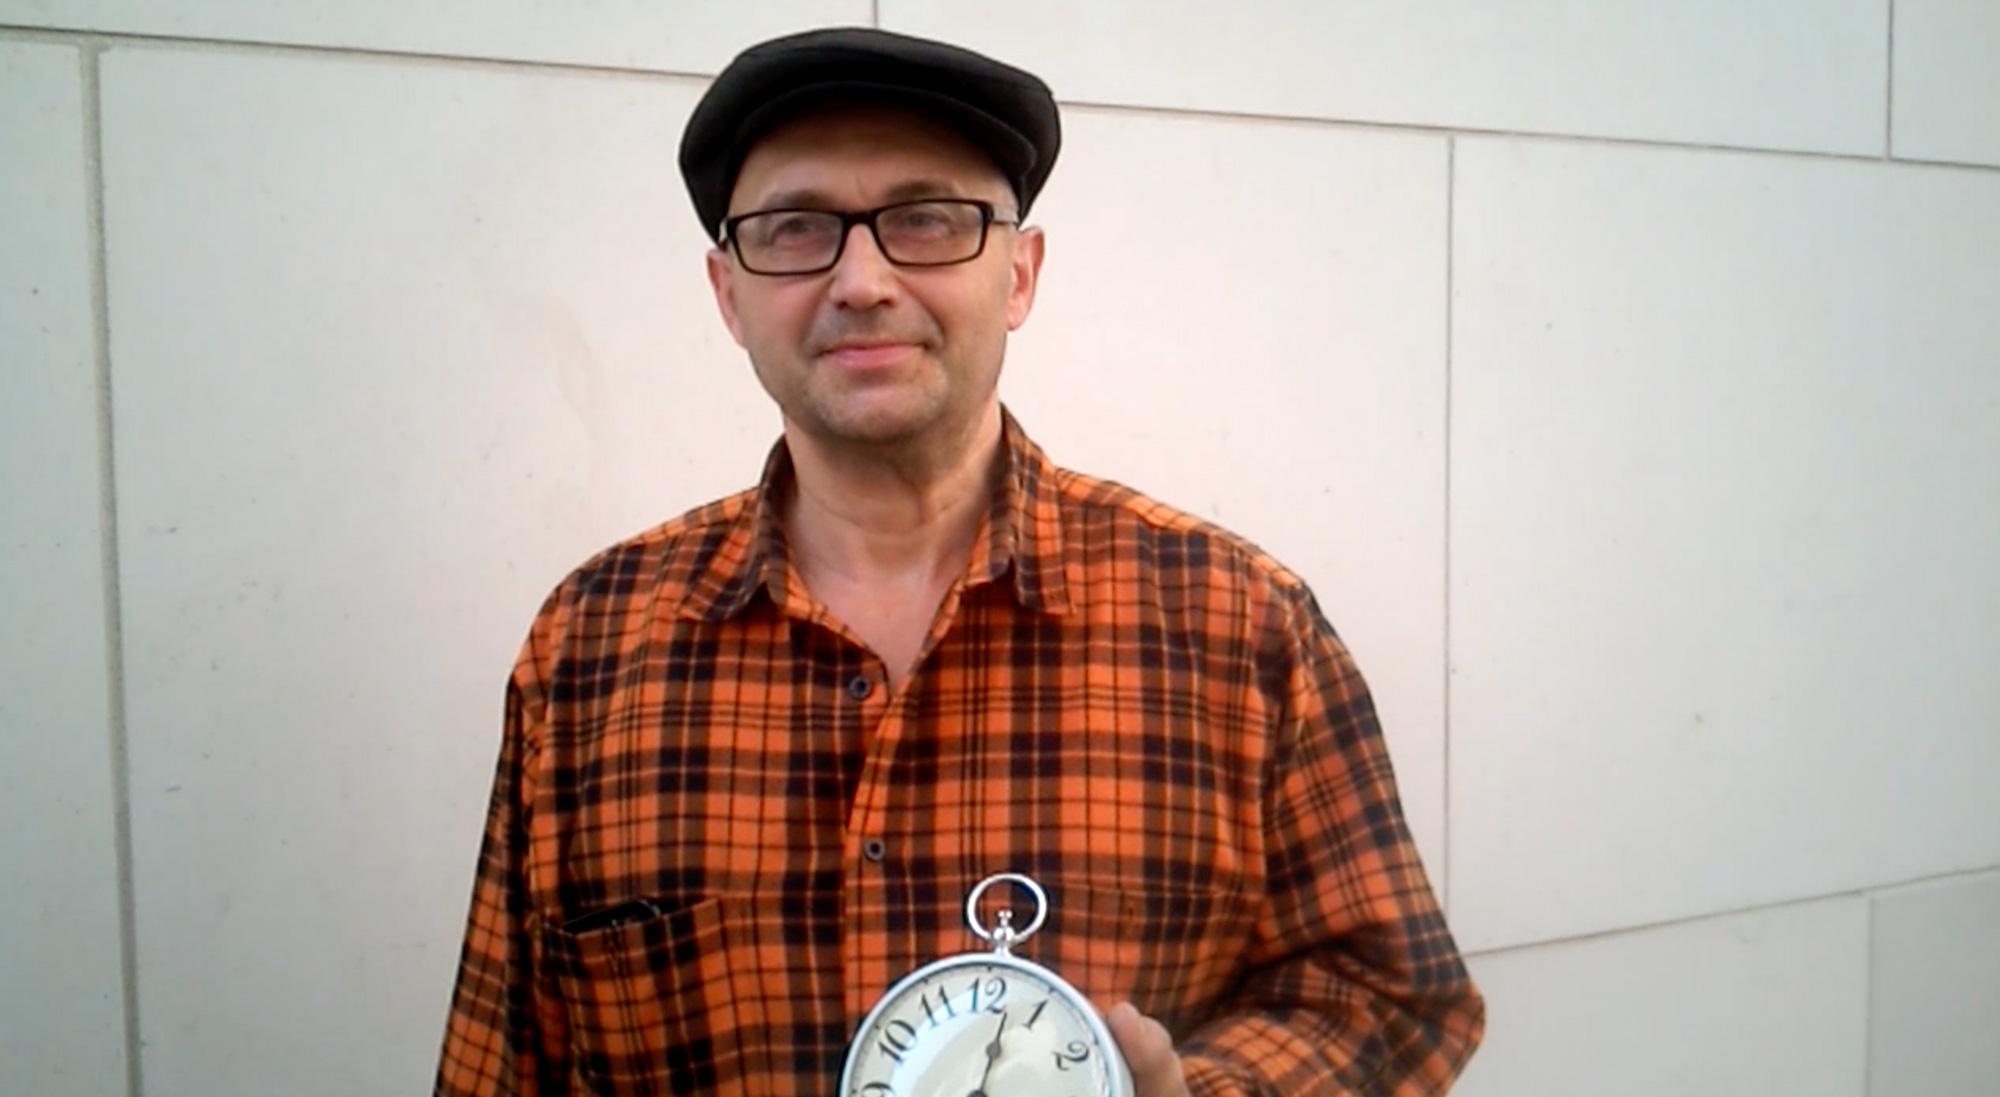 Wecker | Zeitung | Uhr | Arbeit